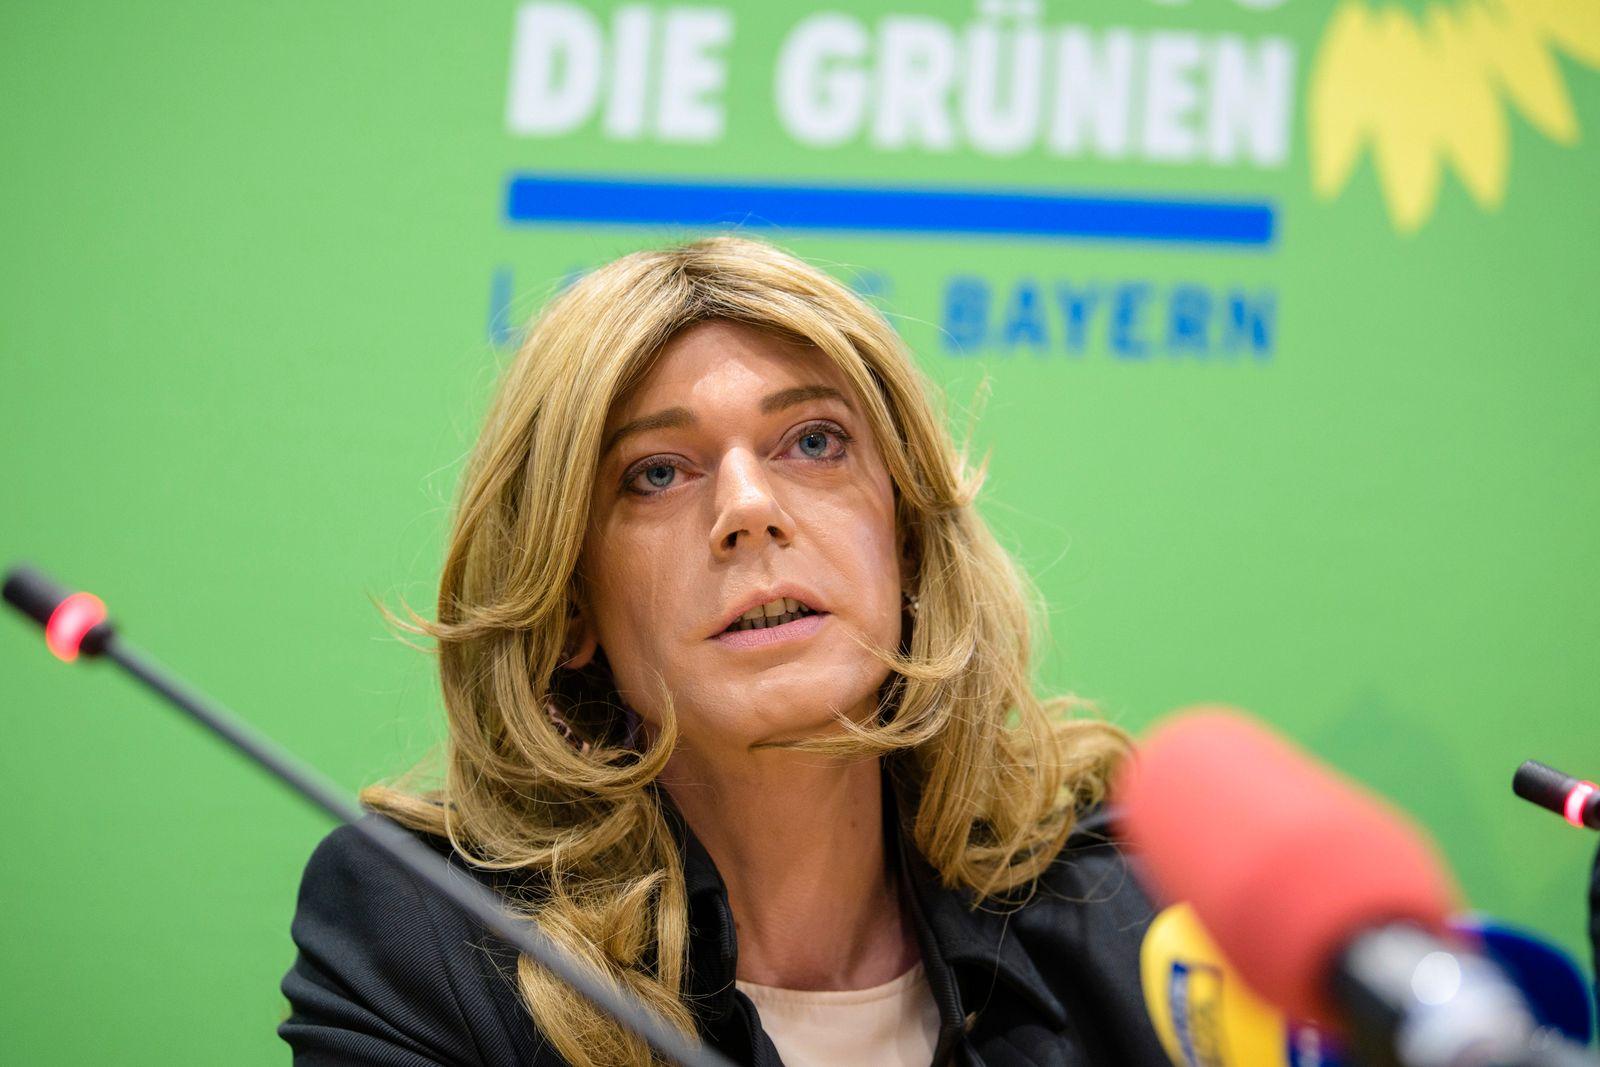 Erstes transidentes Plenumsmitglied im bayerischen Landtag